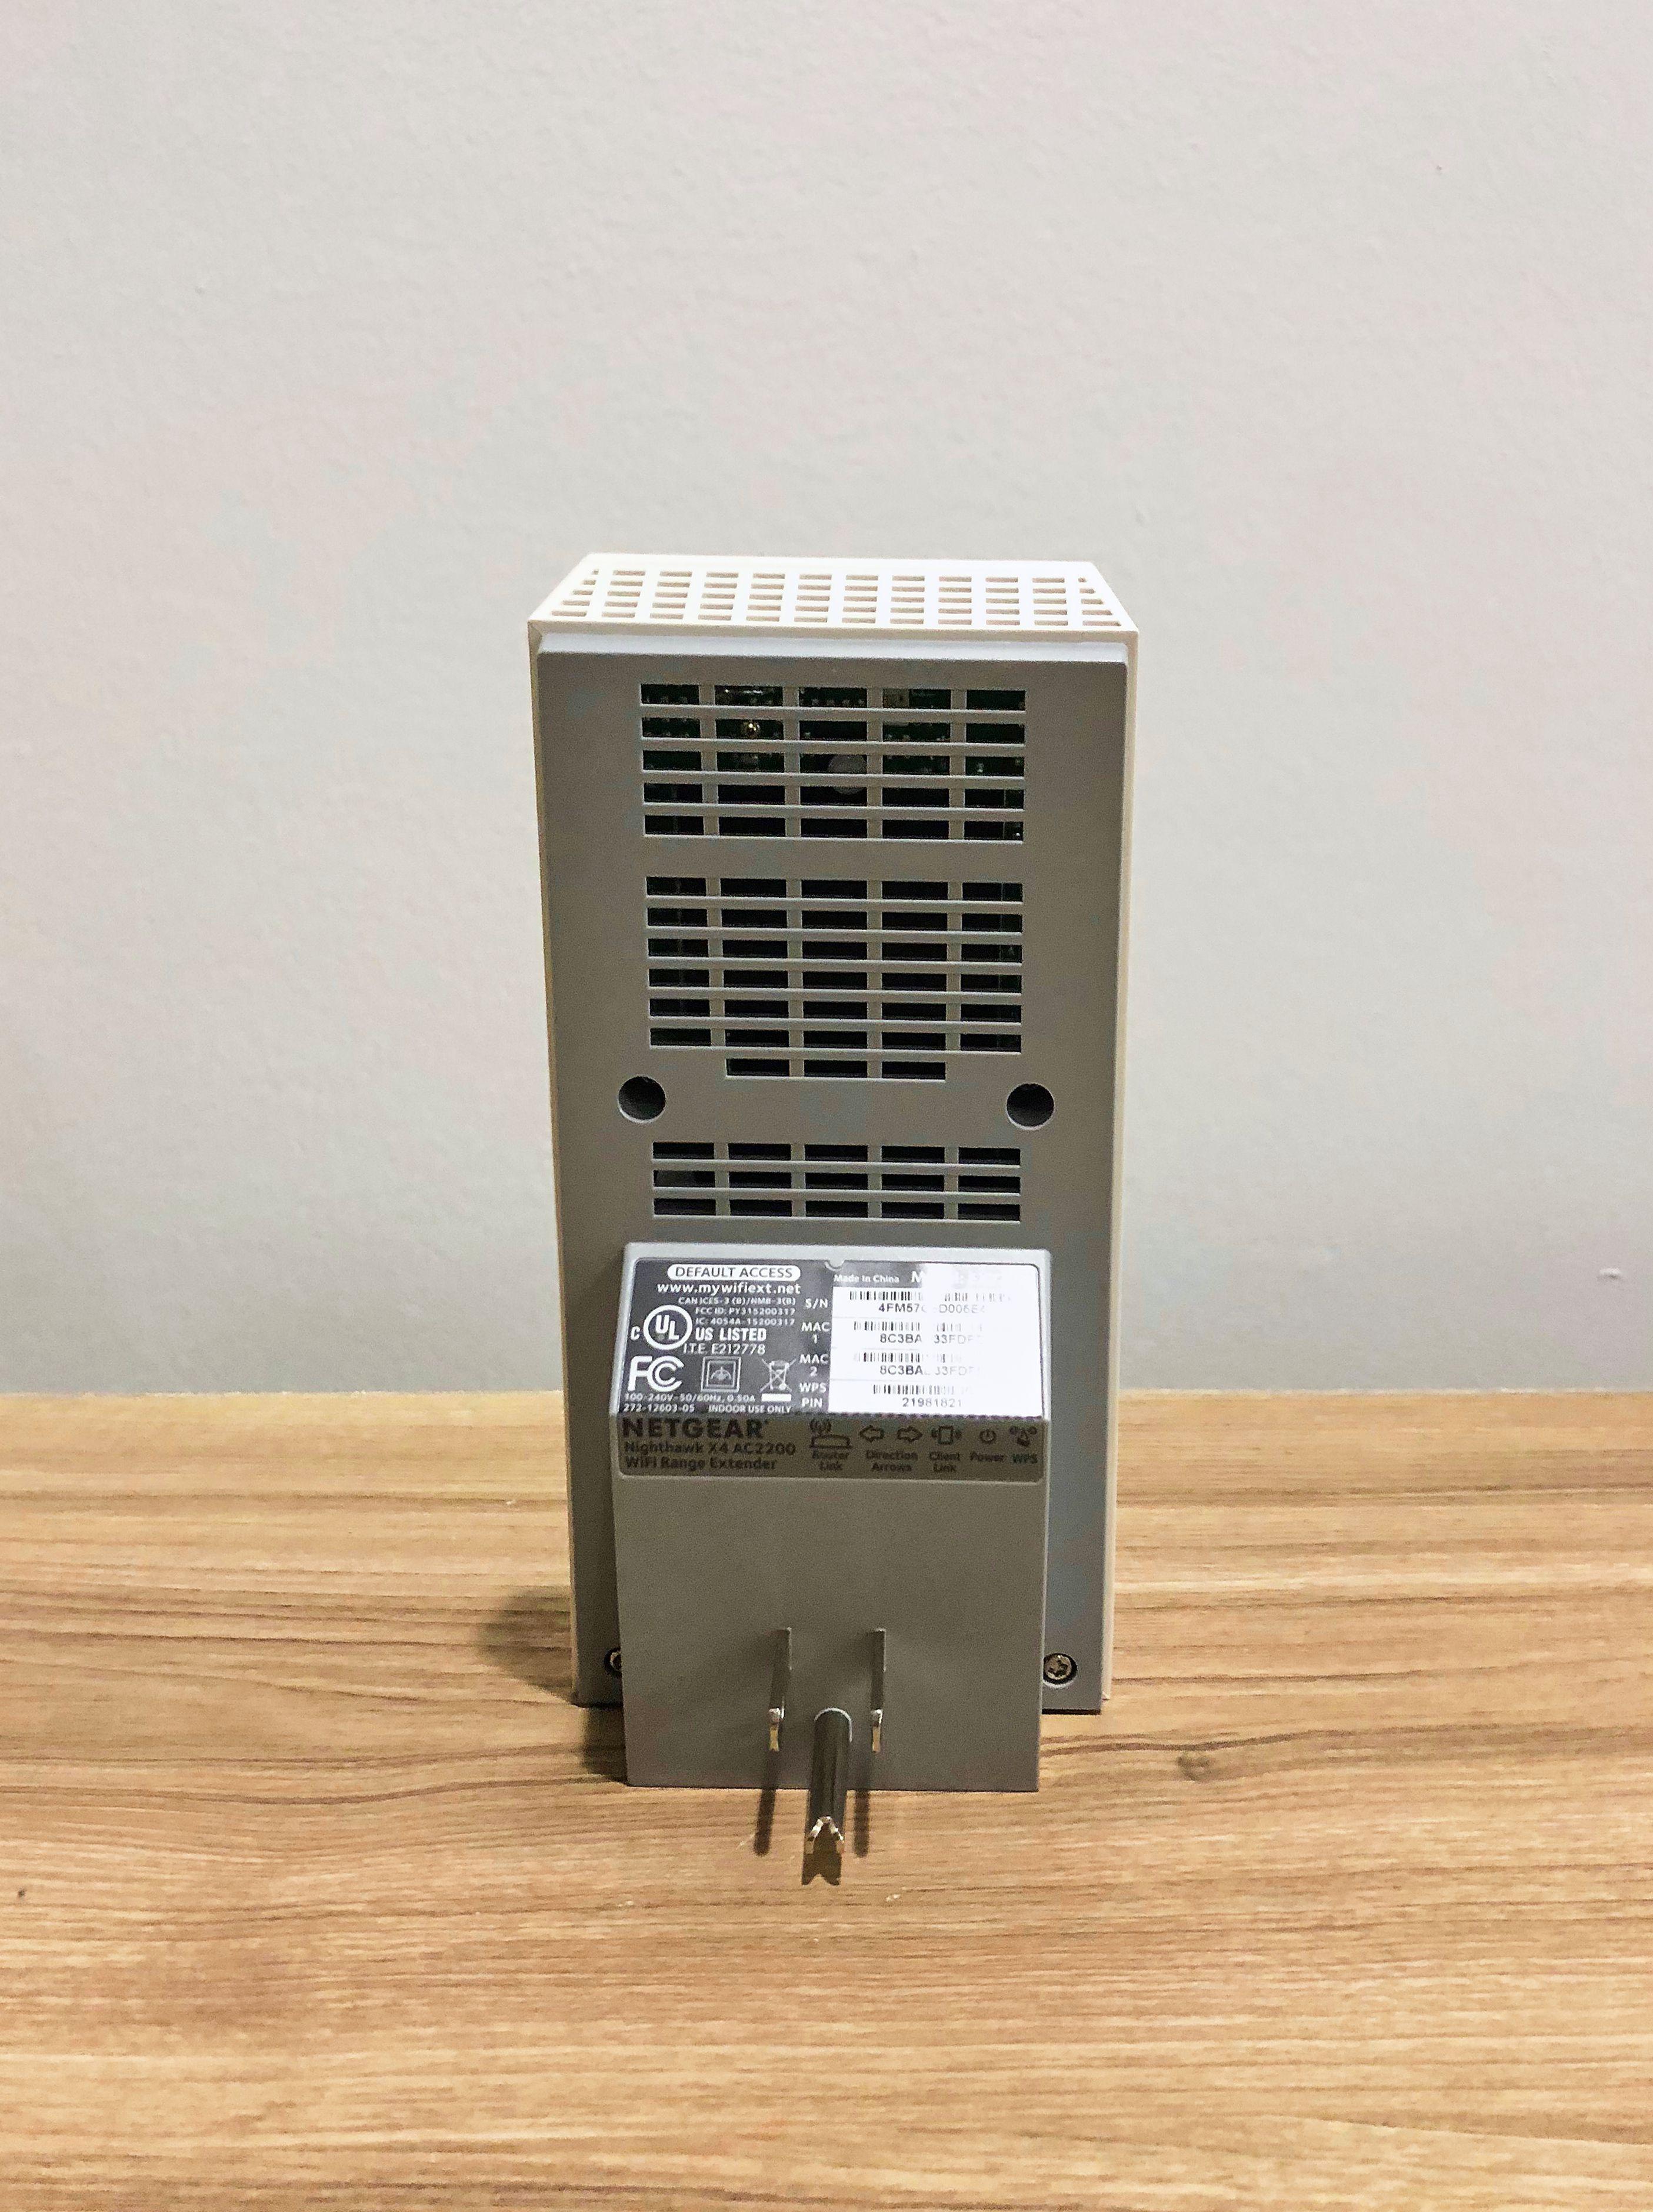 5LW WiFiExtender Back 5bb270c1c9e77c0051c147ed